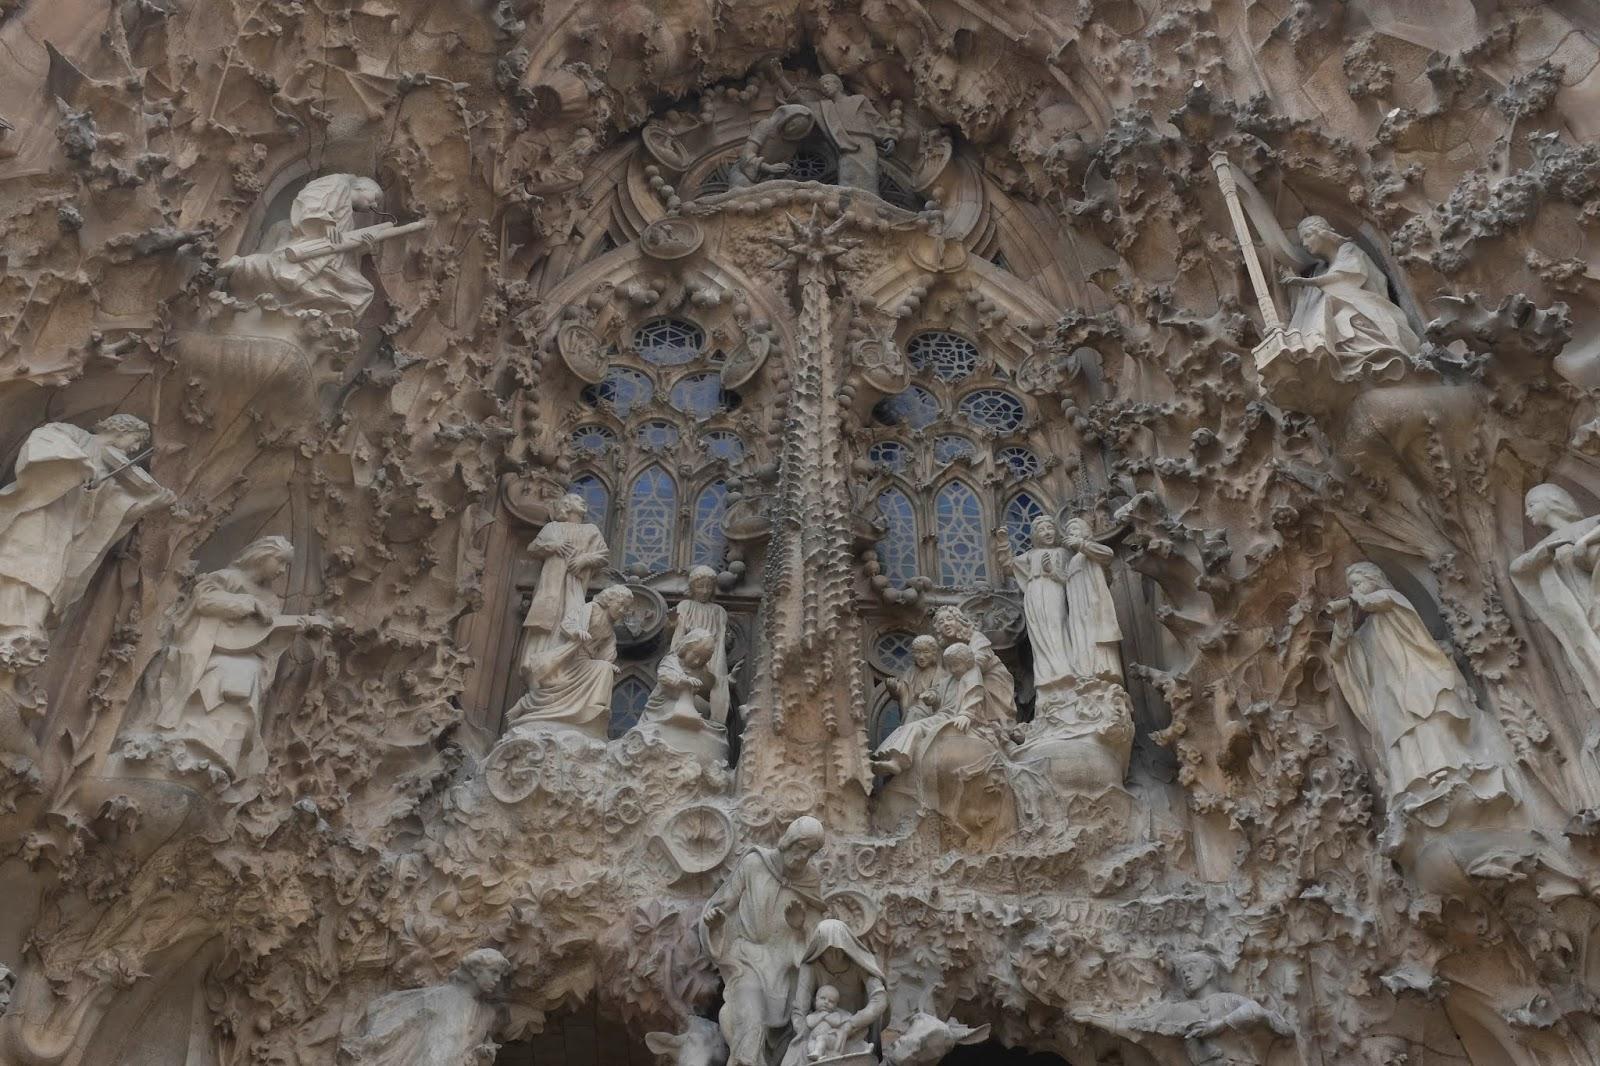 The Sagrada Família Gaudi